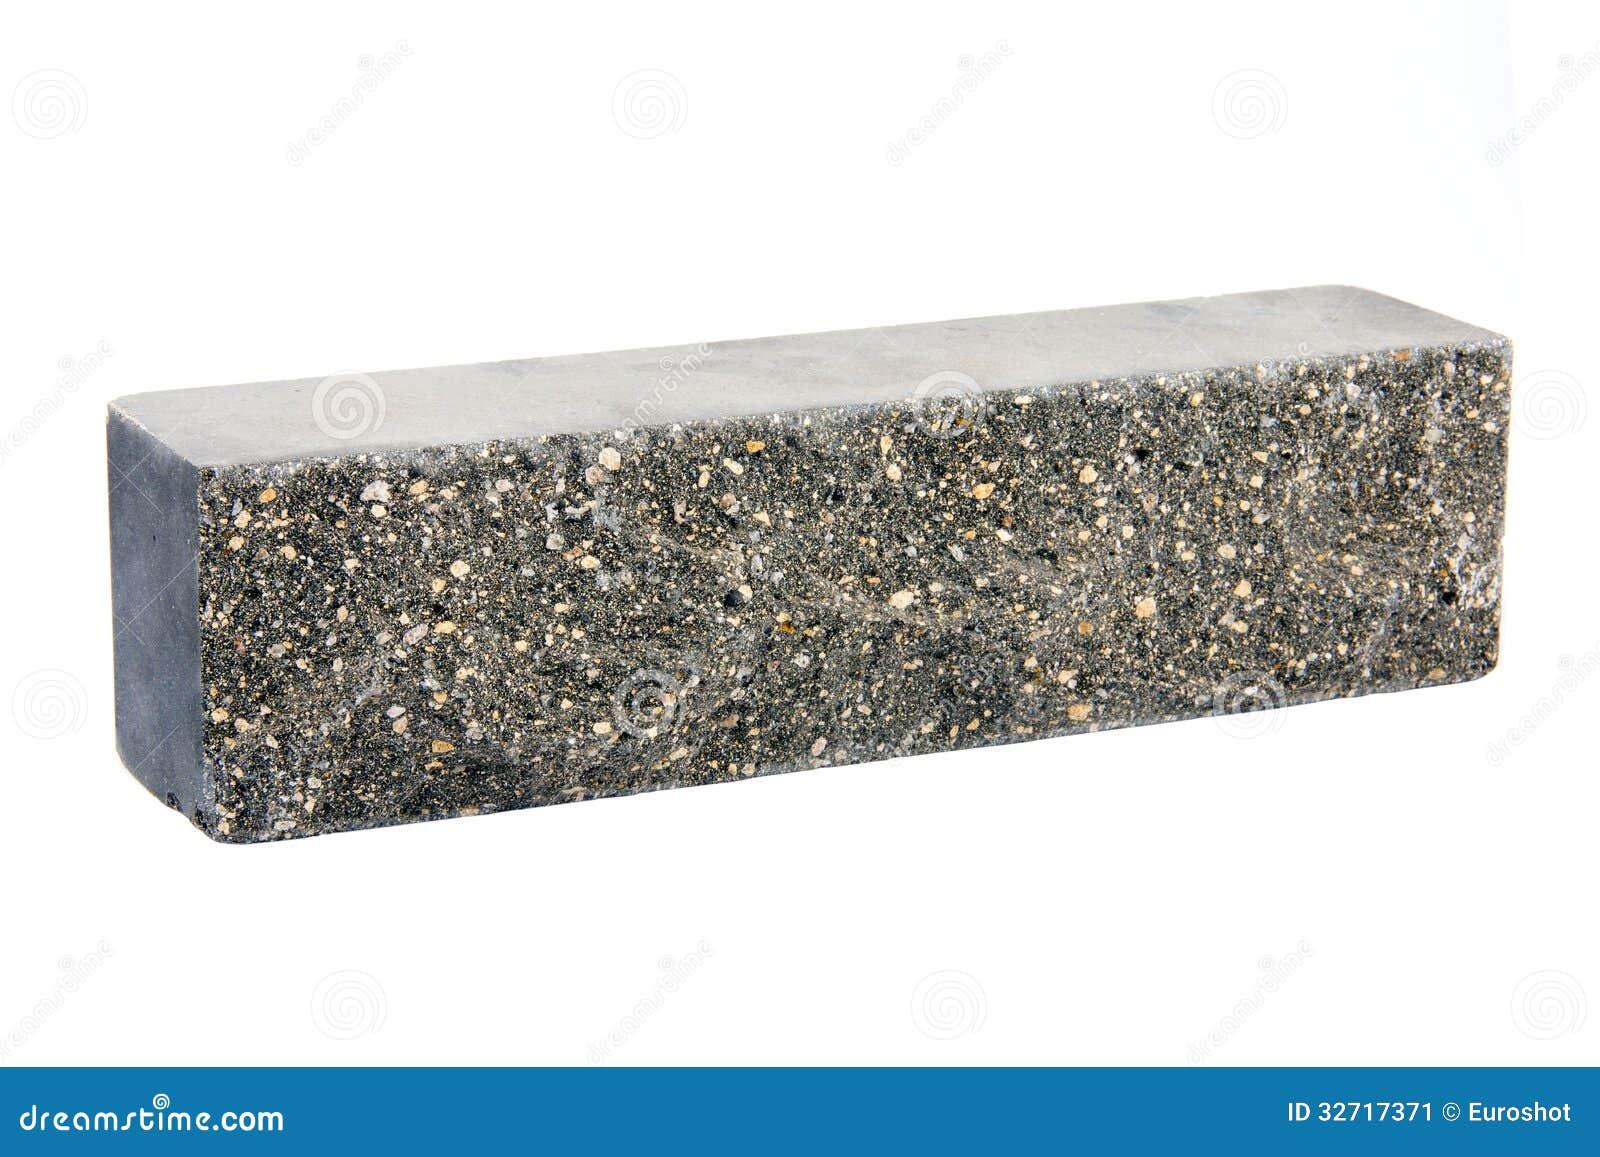 Single Grey Brick Isolated On White Background